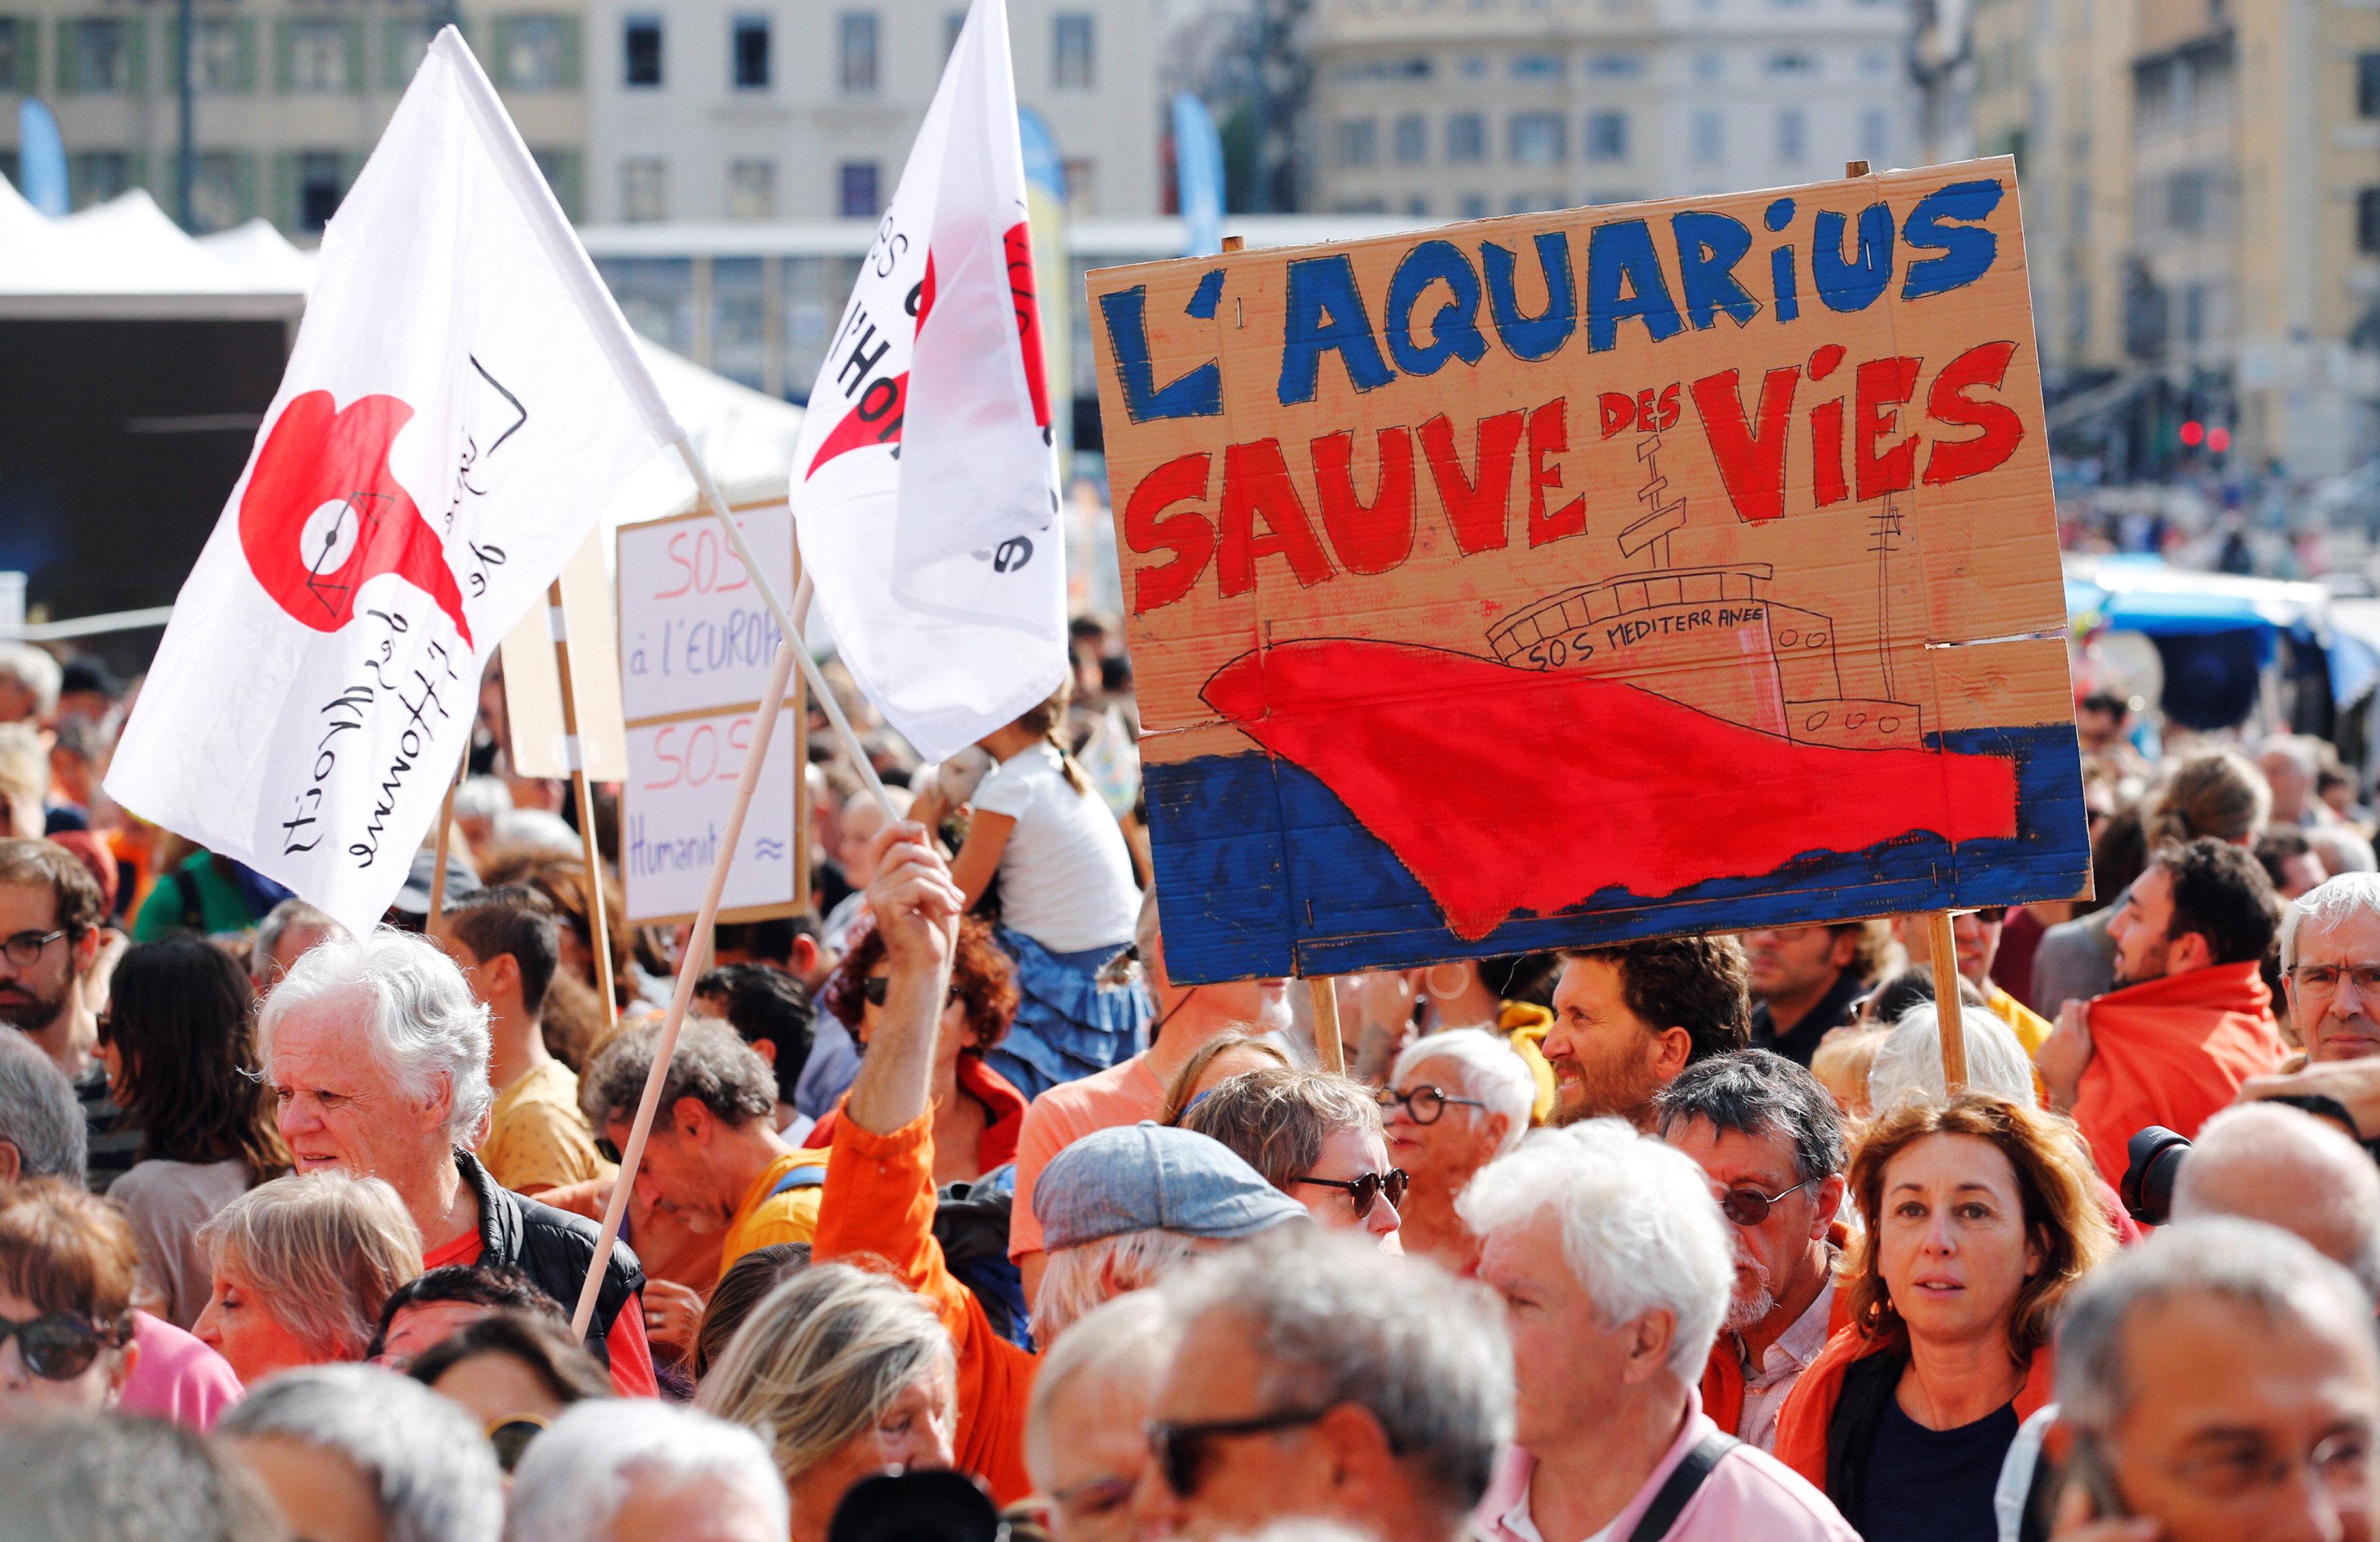 مظاهرات أوروبية - جمعيةُ أس أو أس ميديترانيه